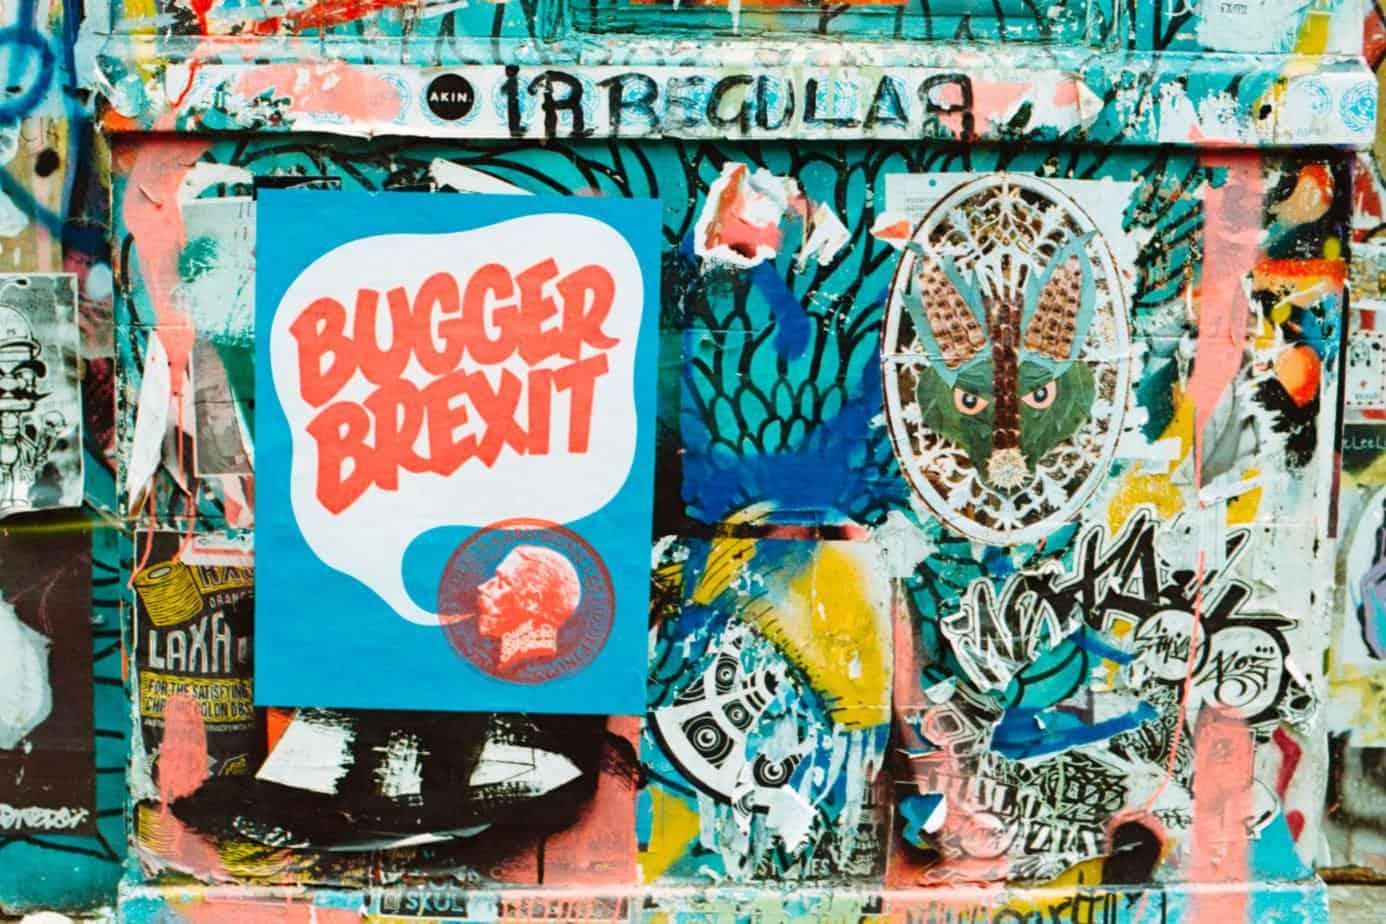 brexit graffiti